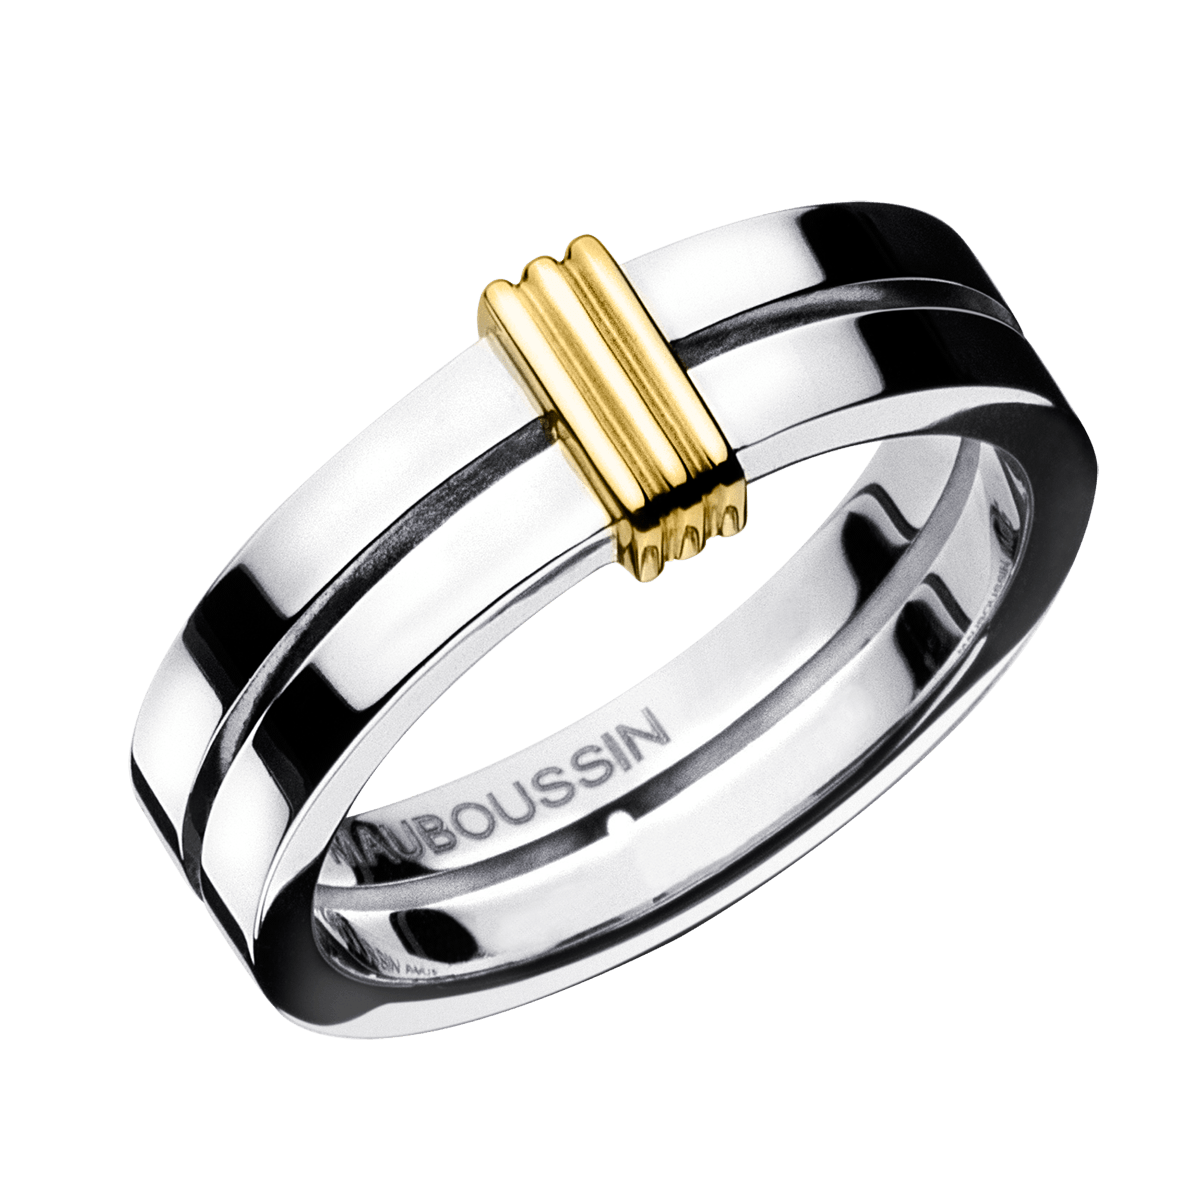 MAUBOUSSINの結婚指輪デザイン2